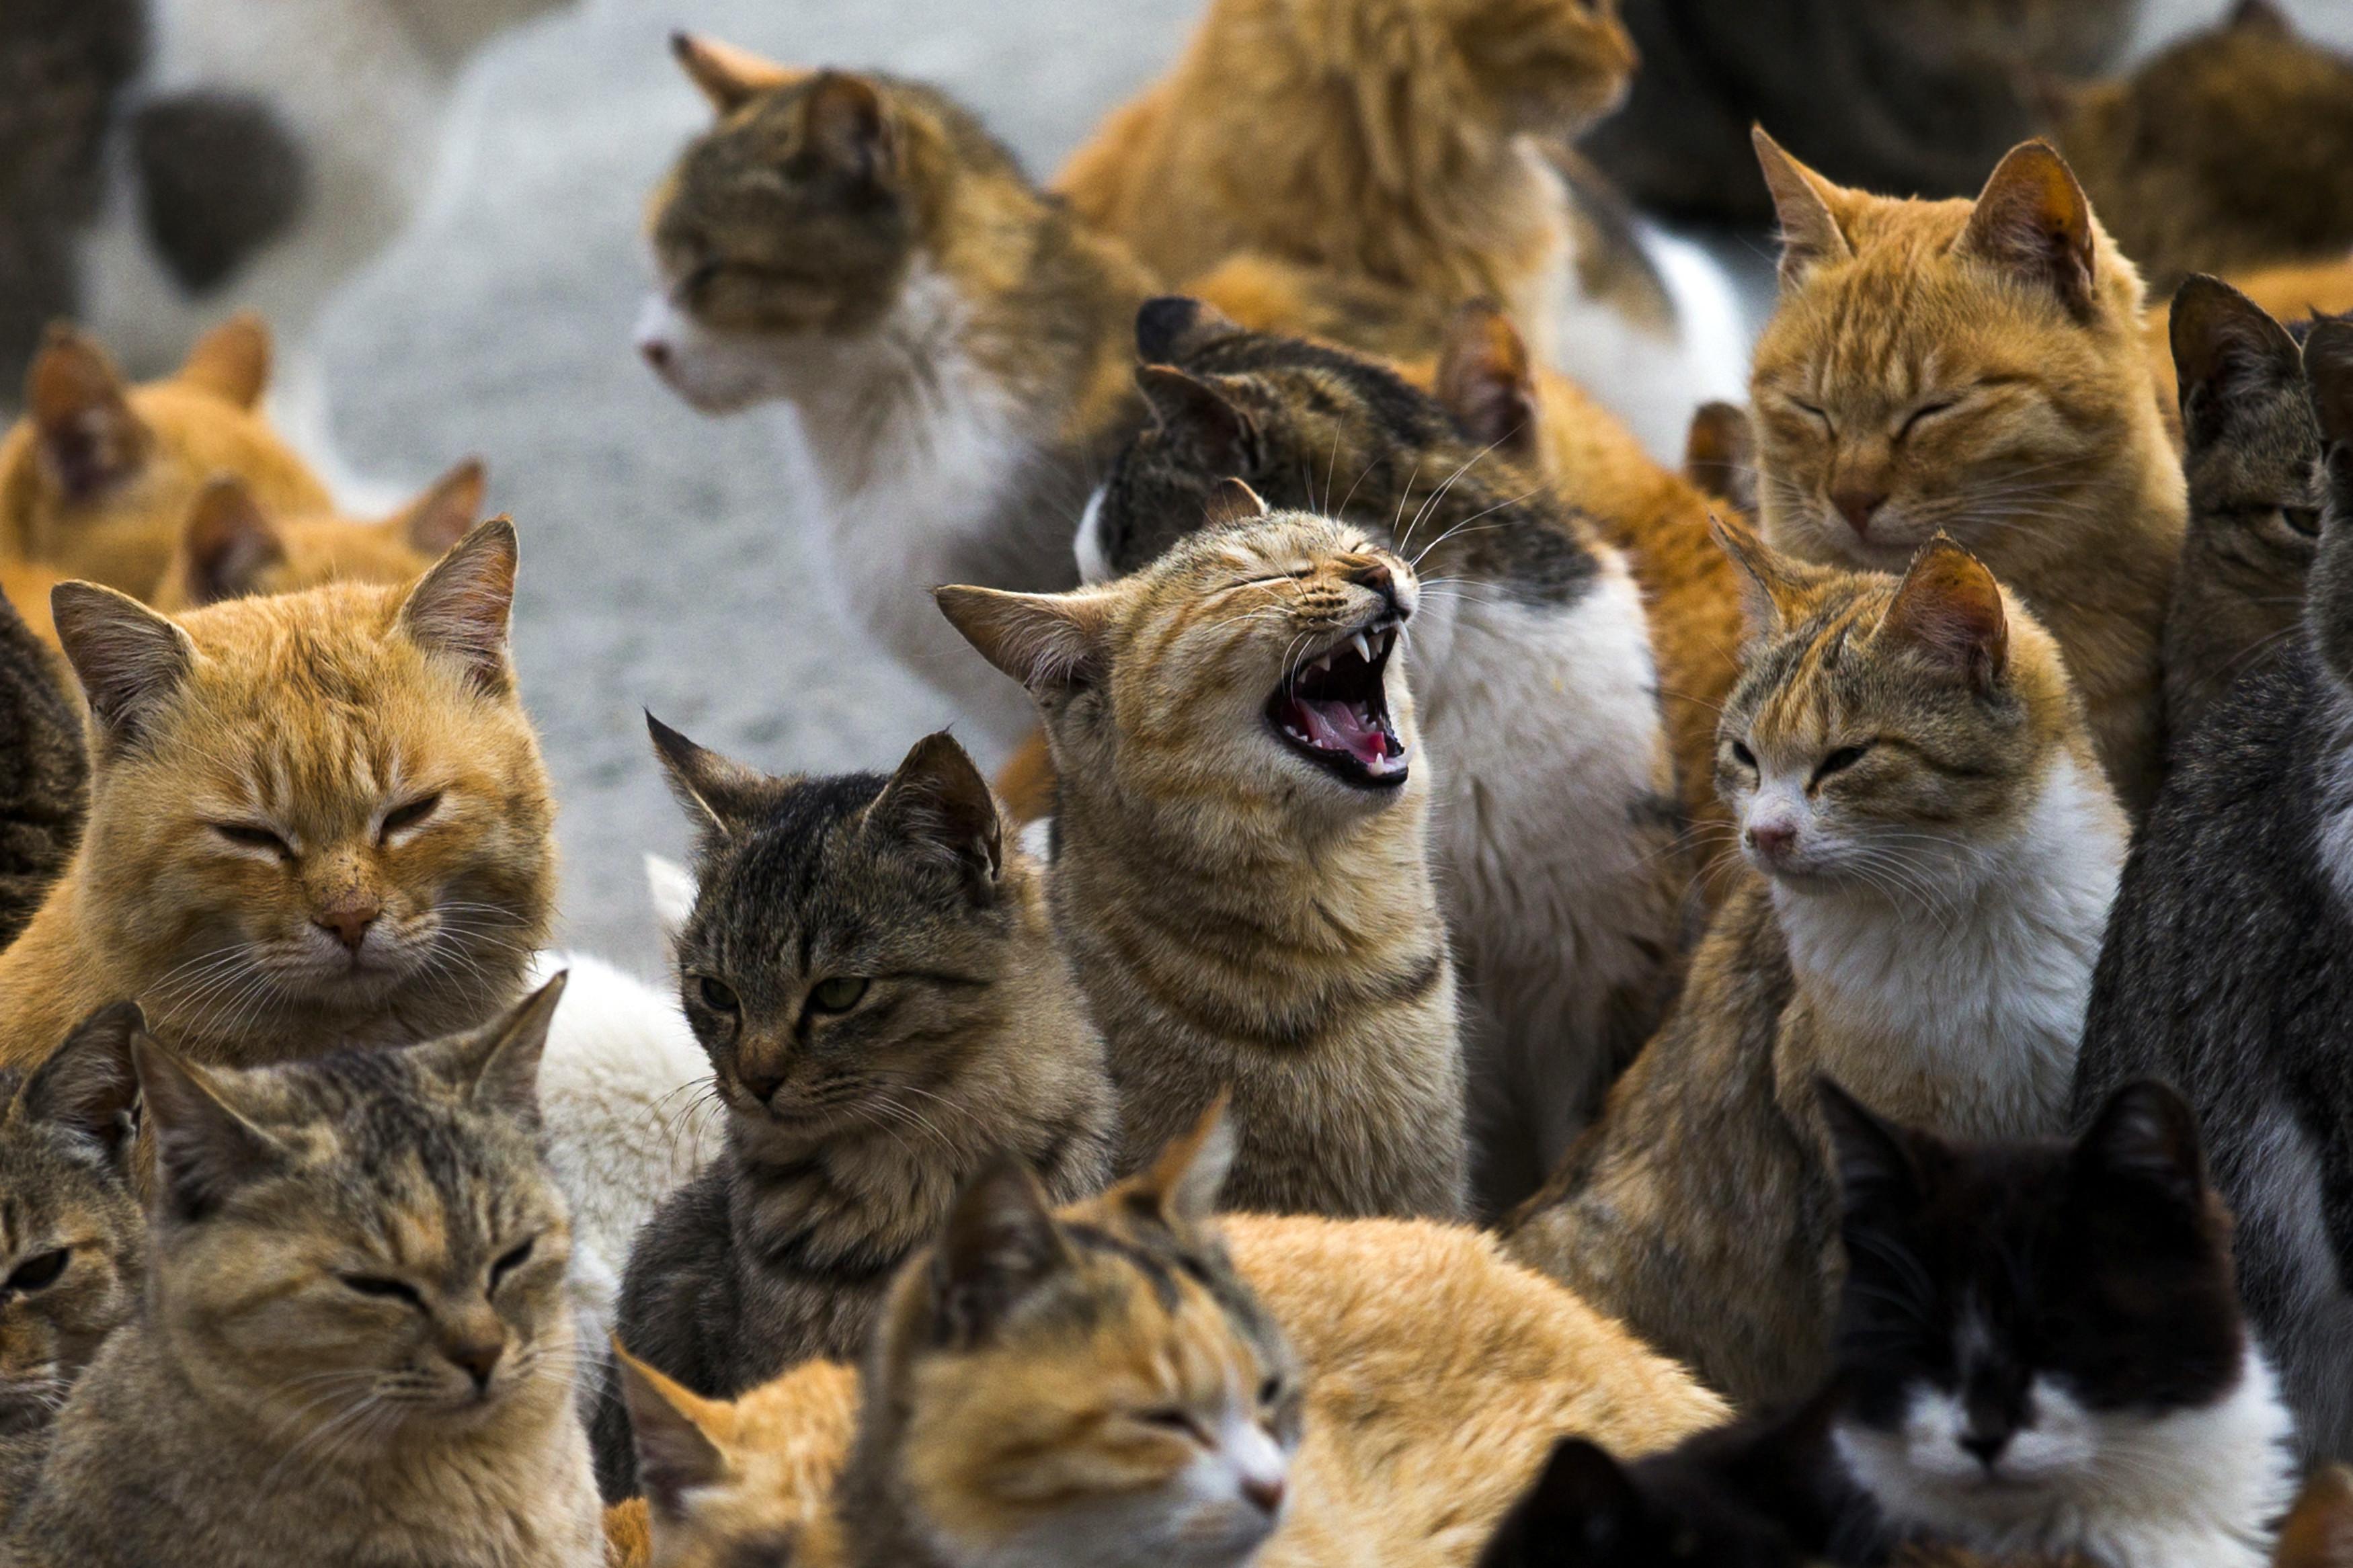 Um estranho fenómeno. Espreite a surreal e mágica 'Ilha dos Gatos'